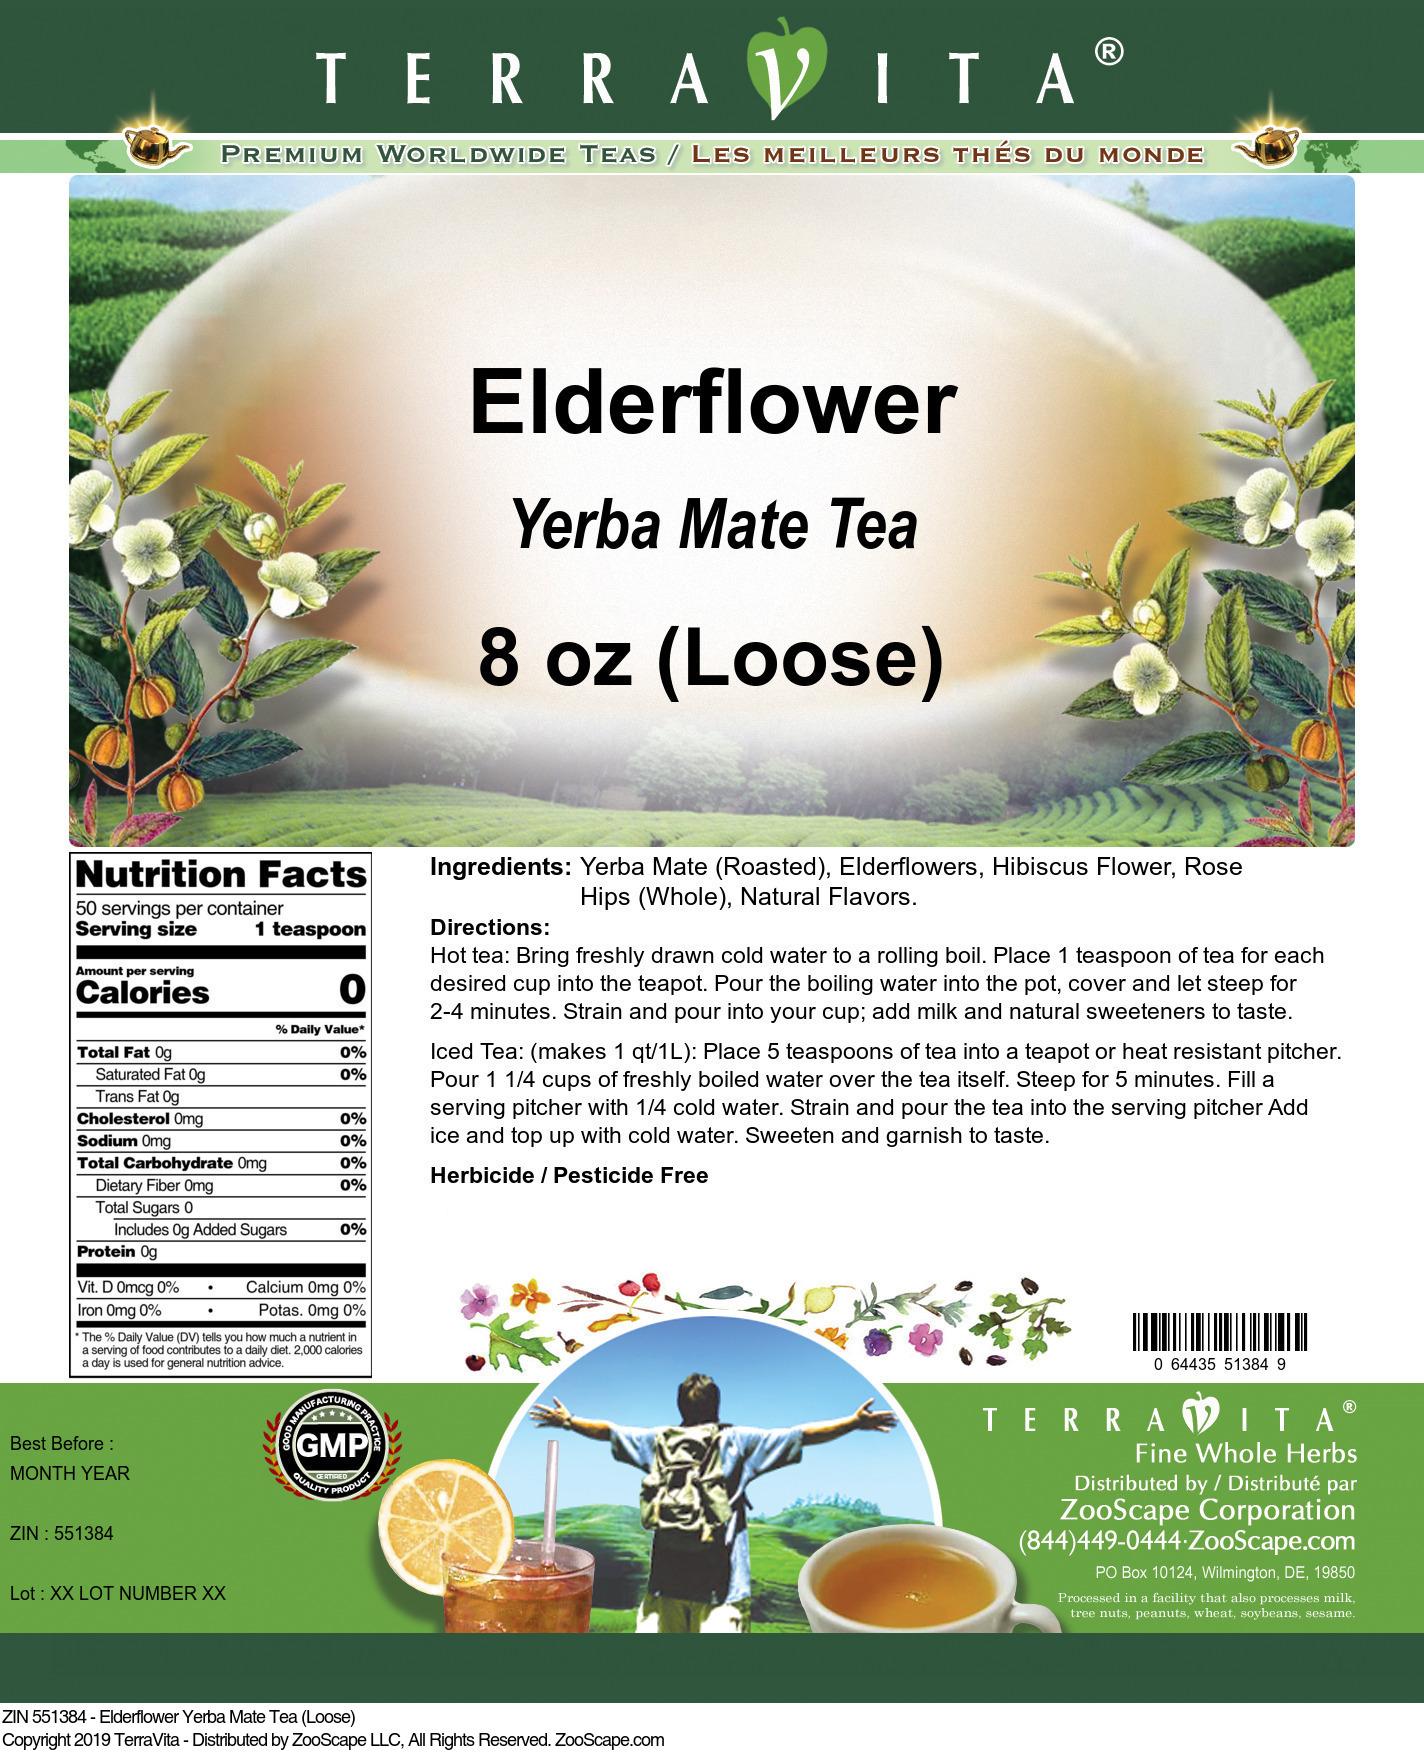 Elderflower Yerba Mate